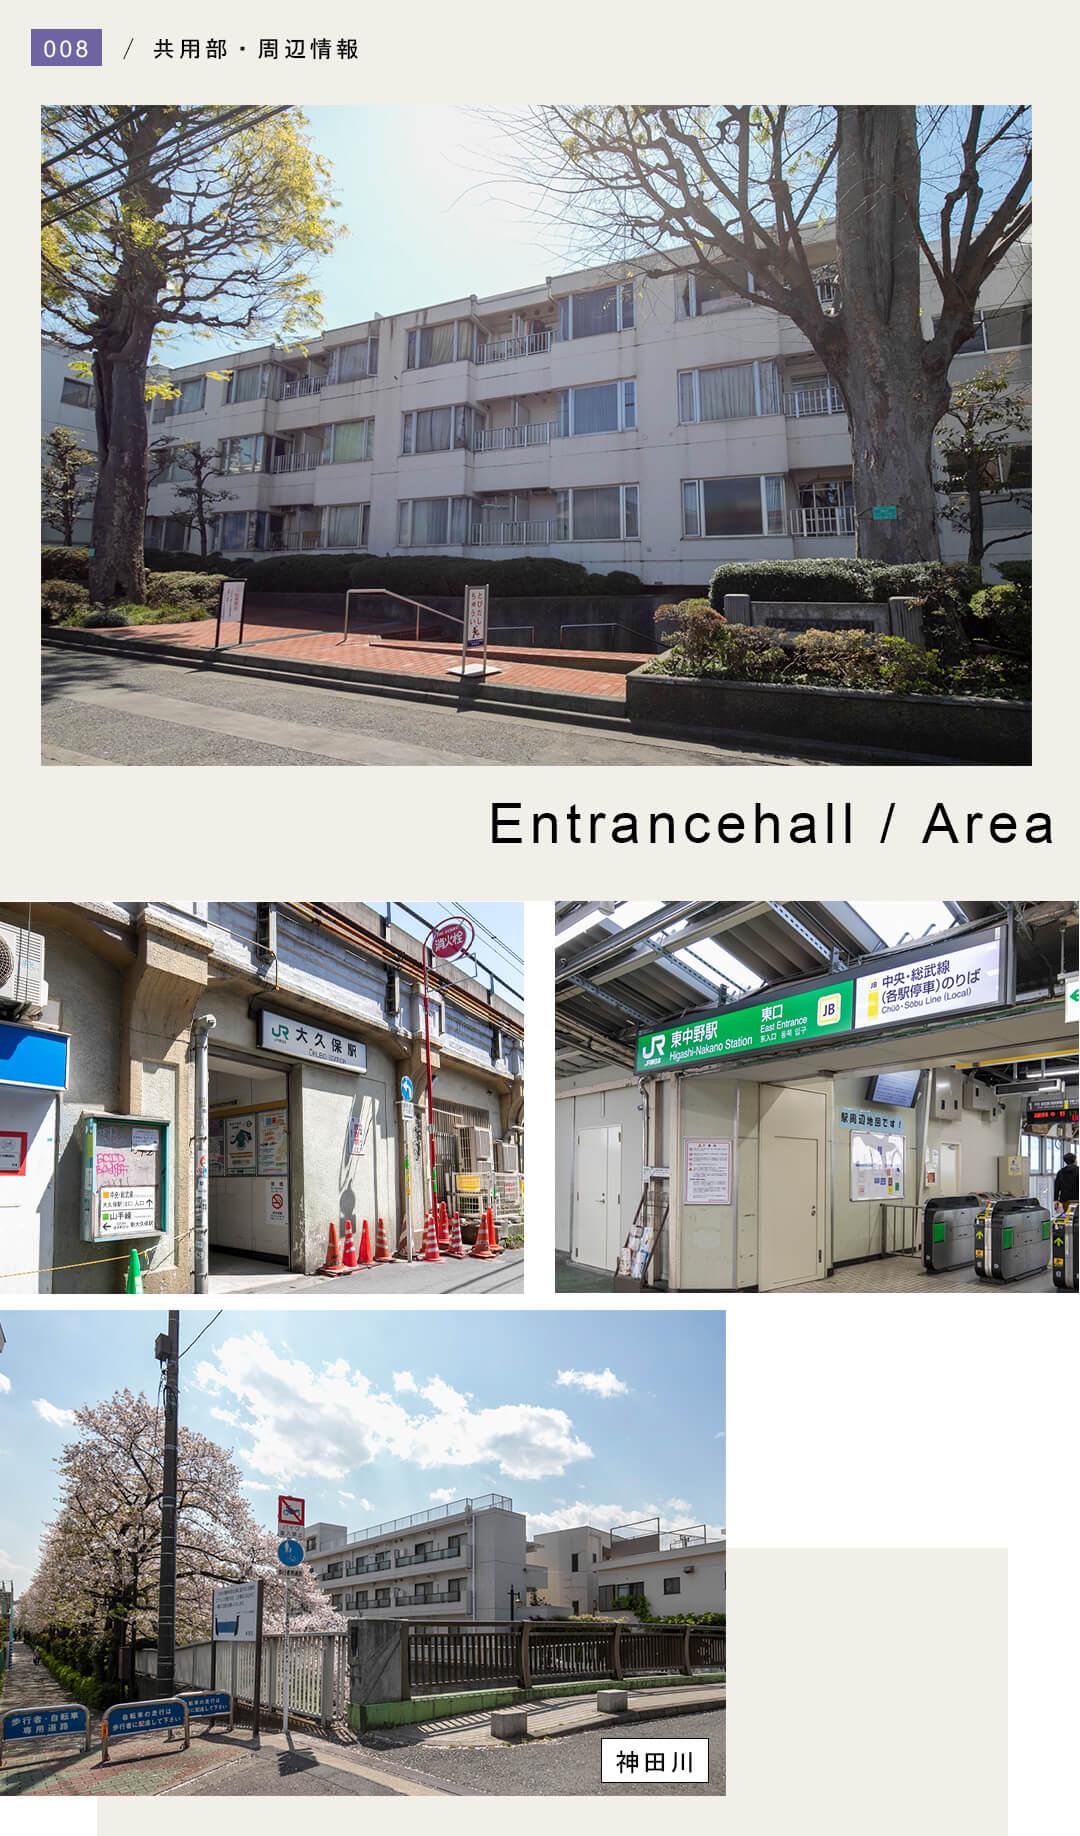 パイロットハウス北新宿のリ外観と周辺情報